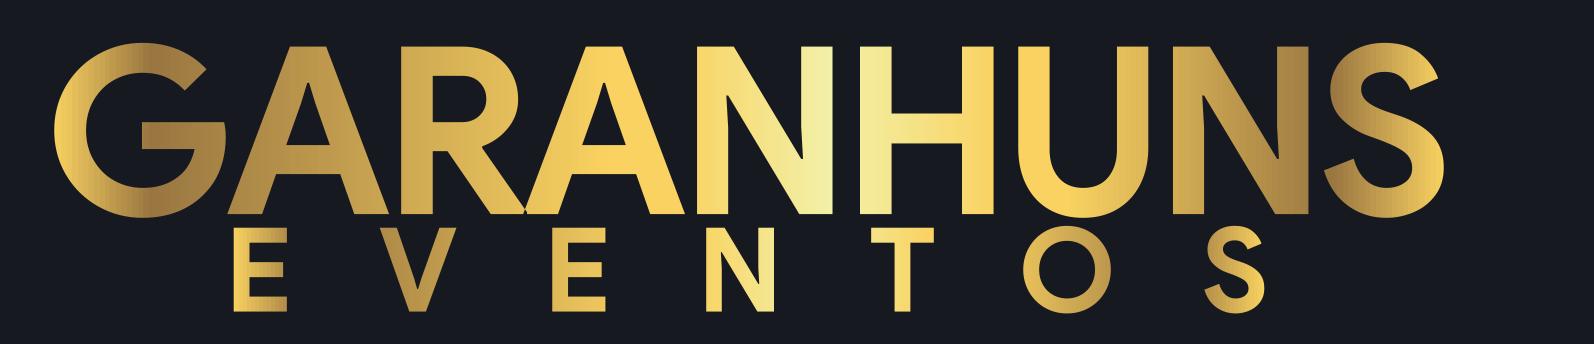 Garanhuns Eventos - Entretenimento